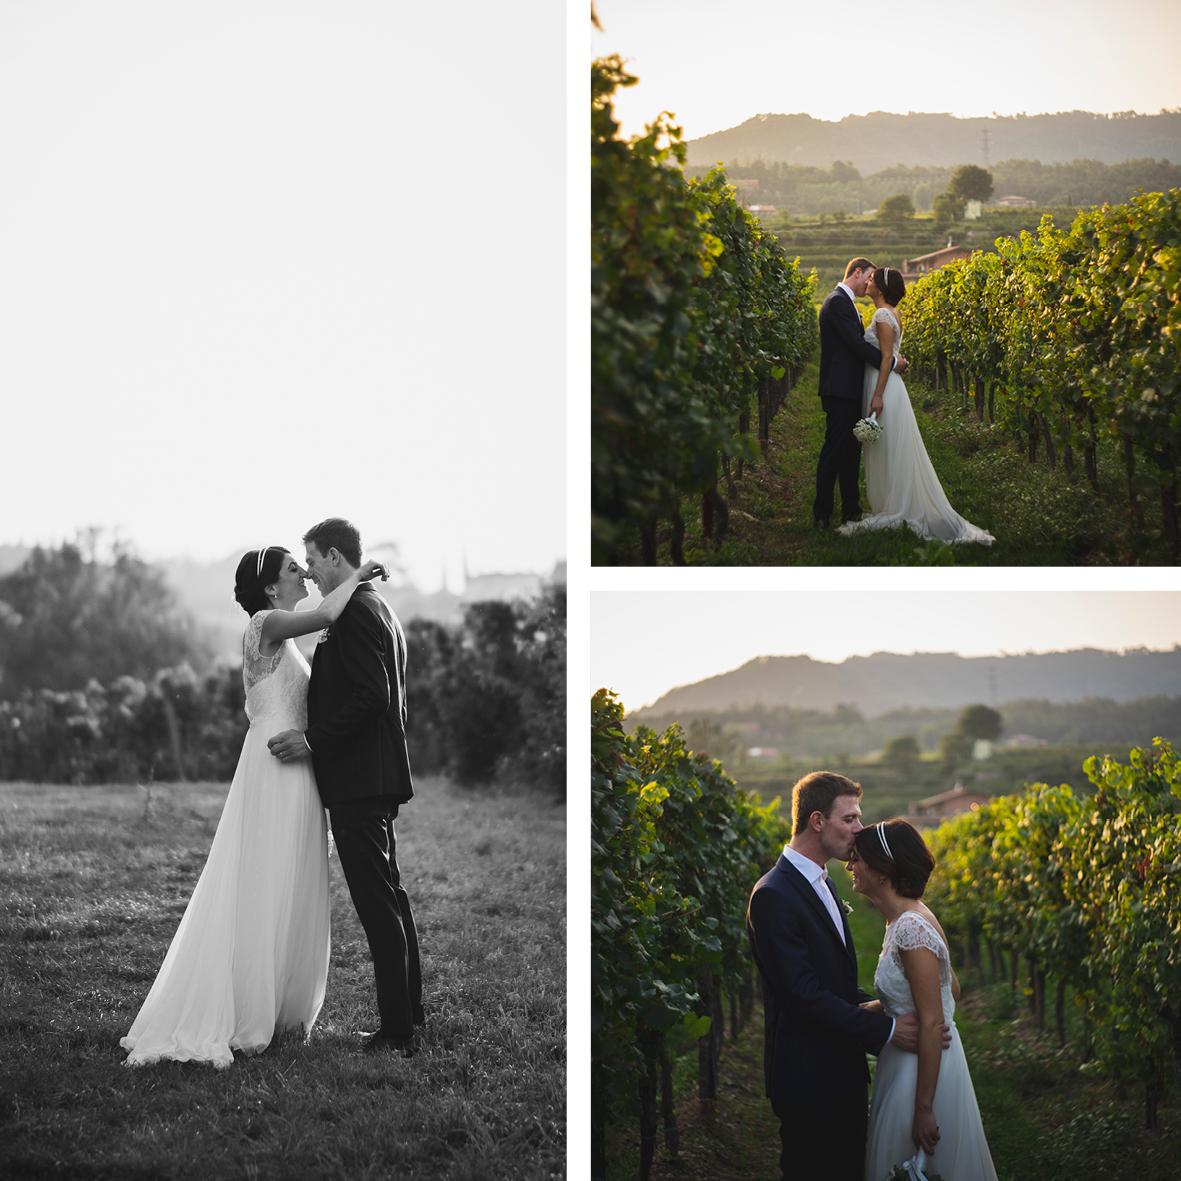 Fotografo matrimonio Brescia Elena e Maurizio21